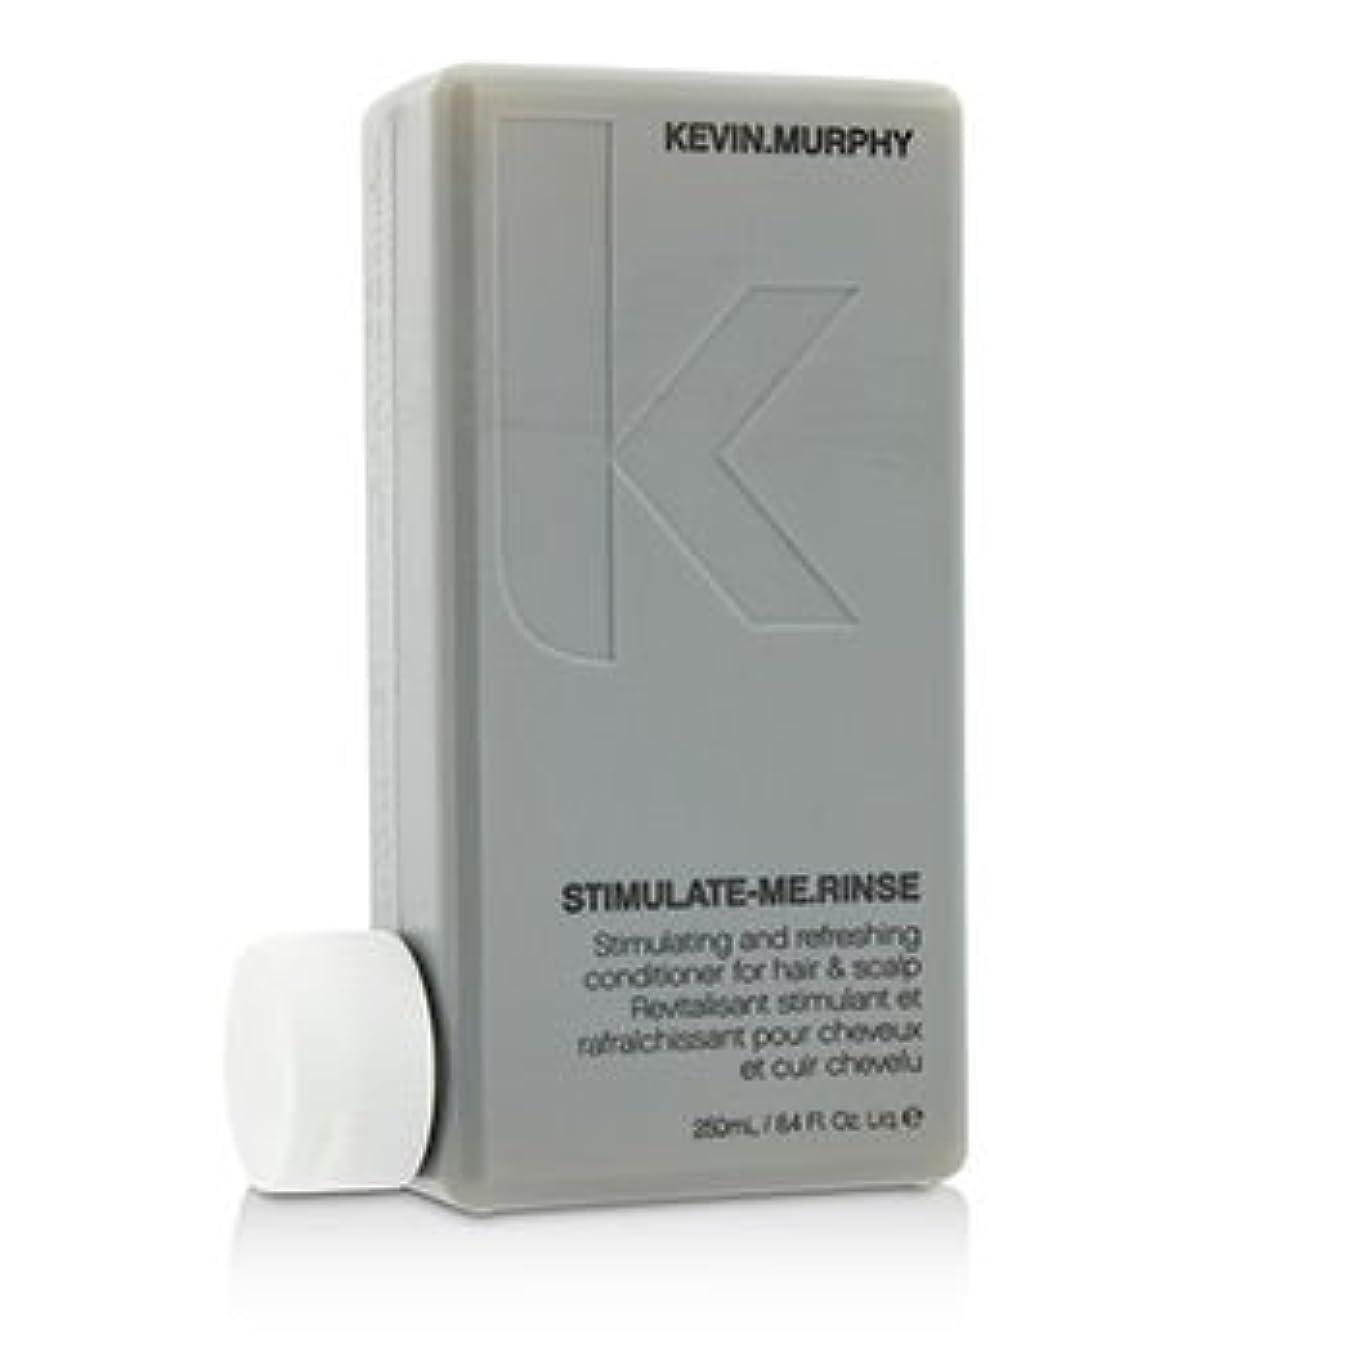 セマフォ奨励します化粧[Kevin.Murphy] Stimulate-Me.Rinse (Stimulating and Refreshing Conditioner - For Hair & Scalp) 250ml/8.4oz